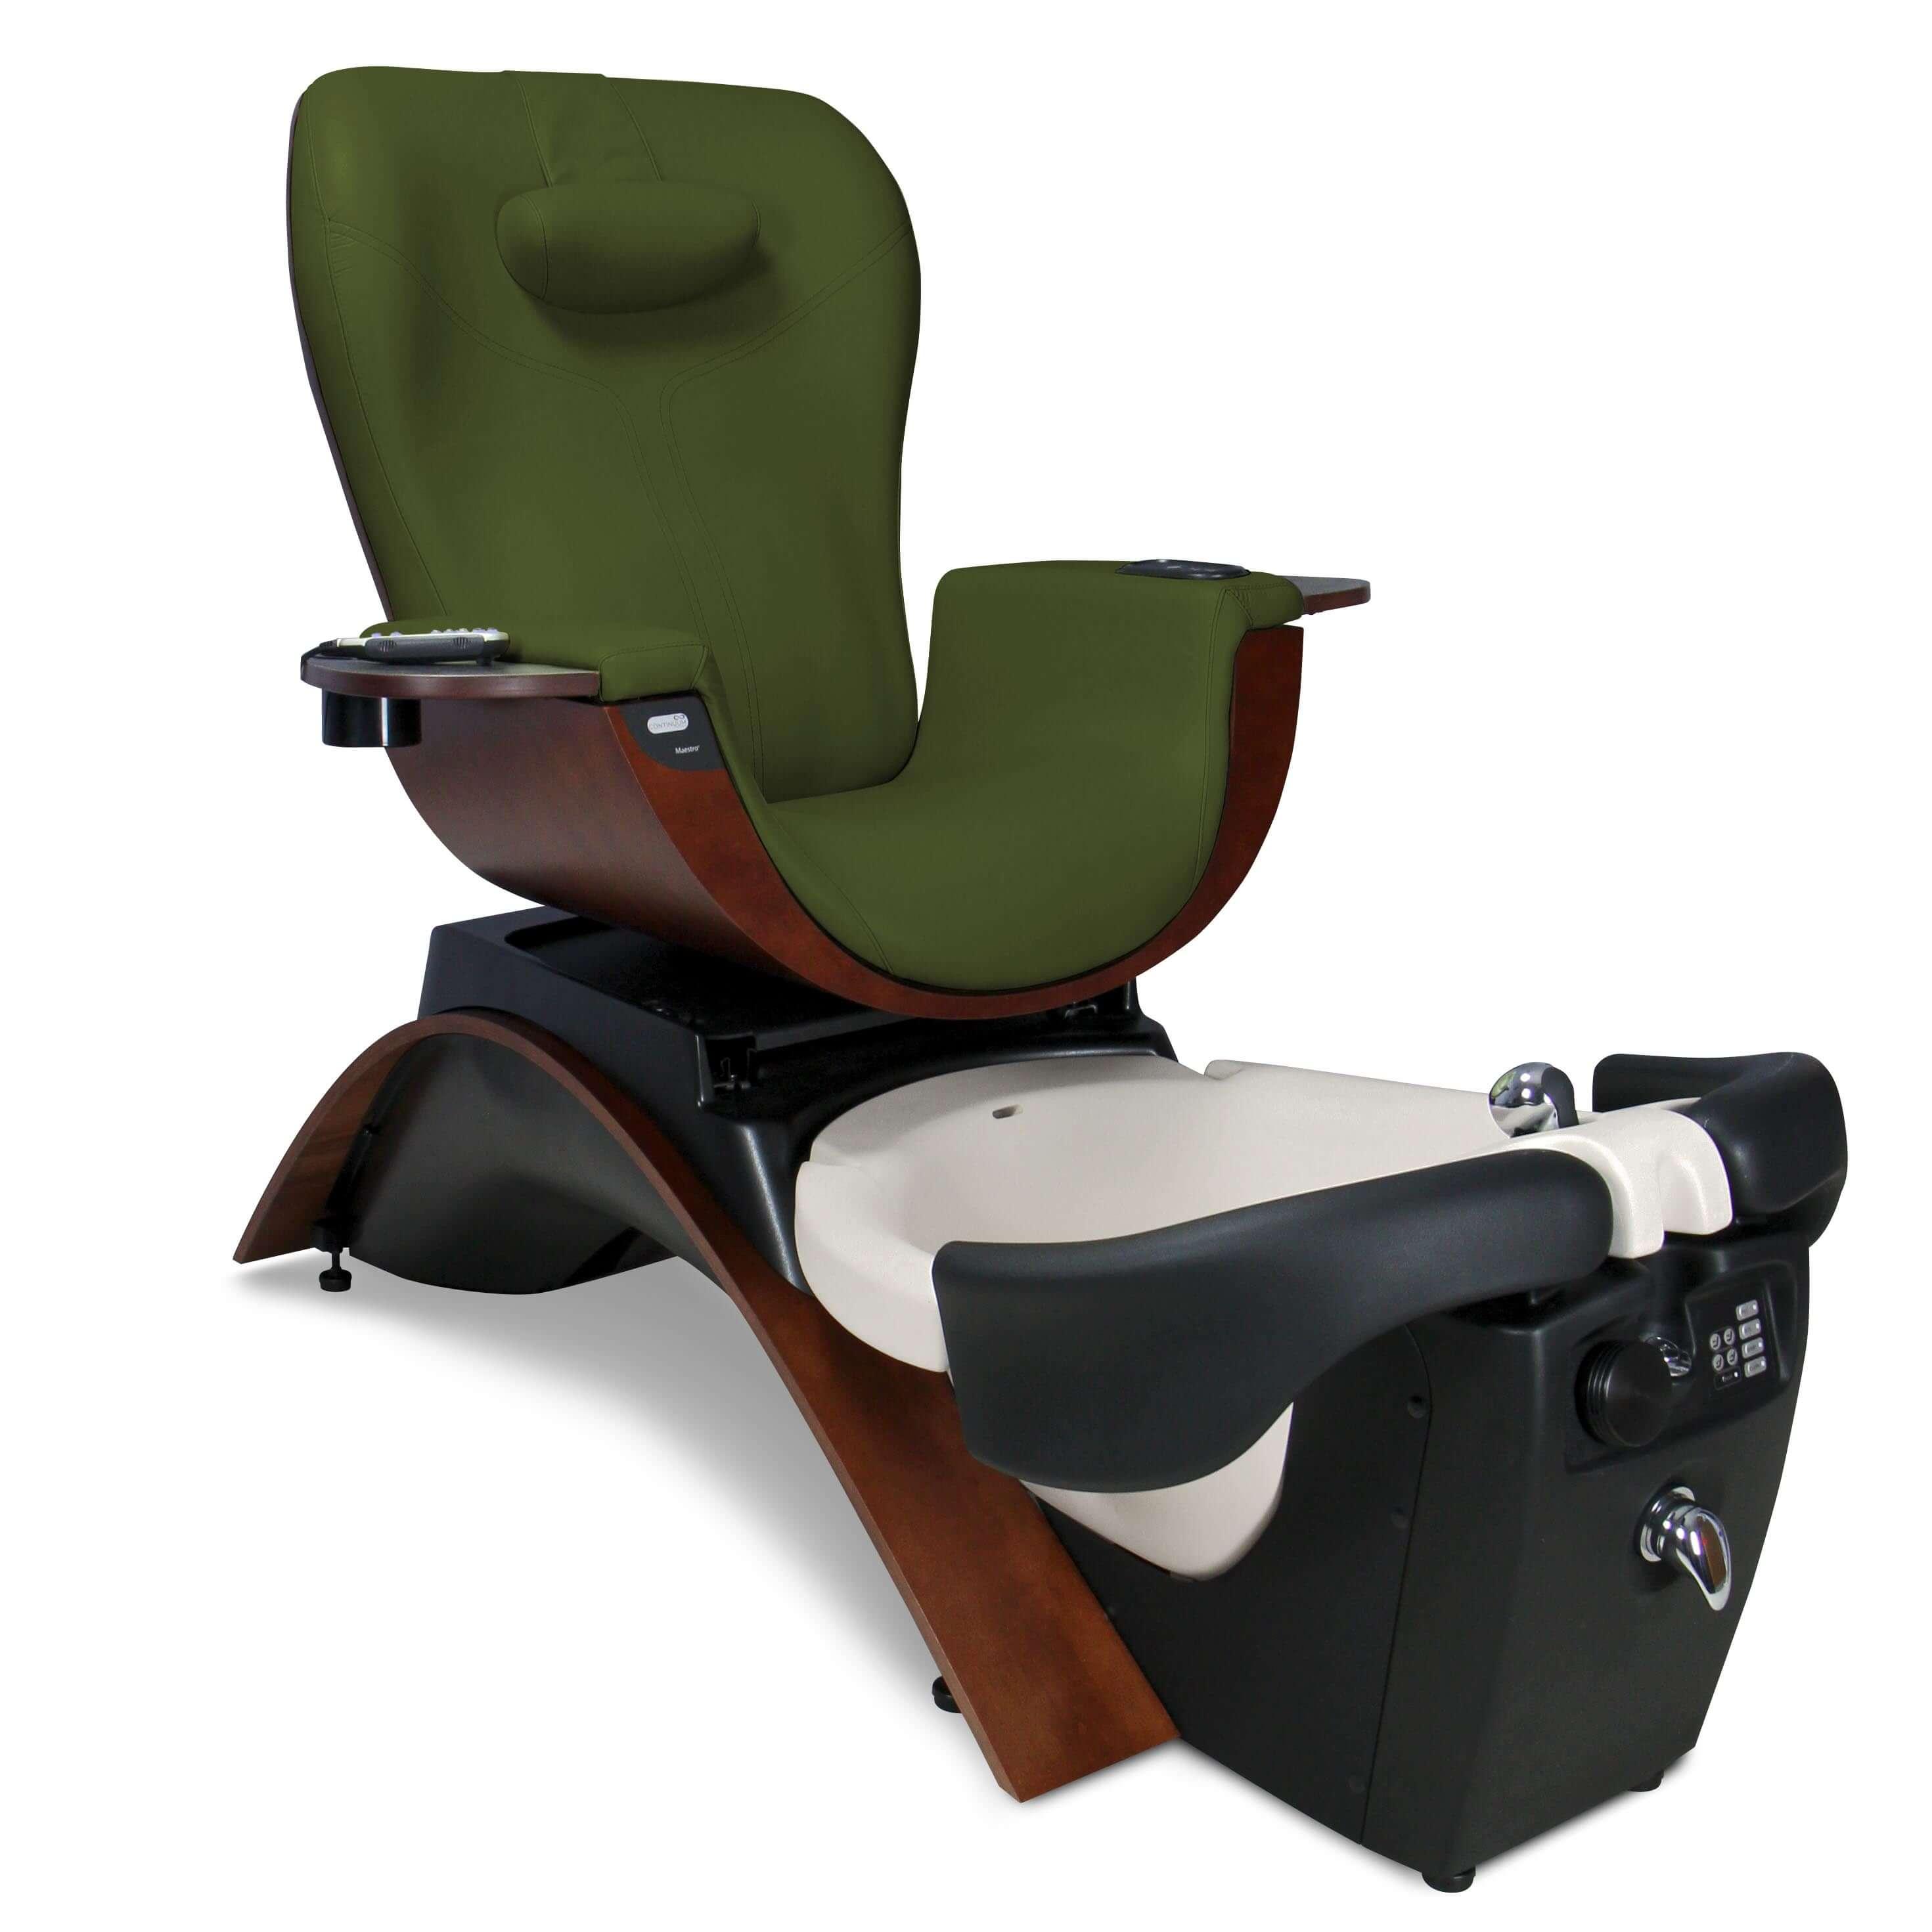 СПА кресло Maestro - Обзор и рейтинг 5 популярных педикюрных SPA-кресел